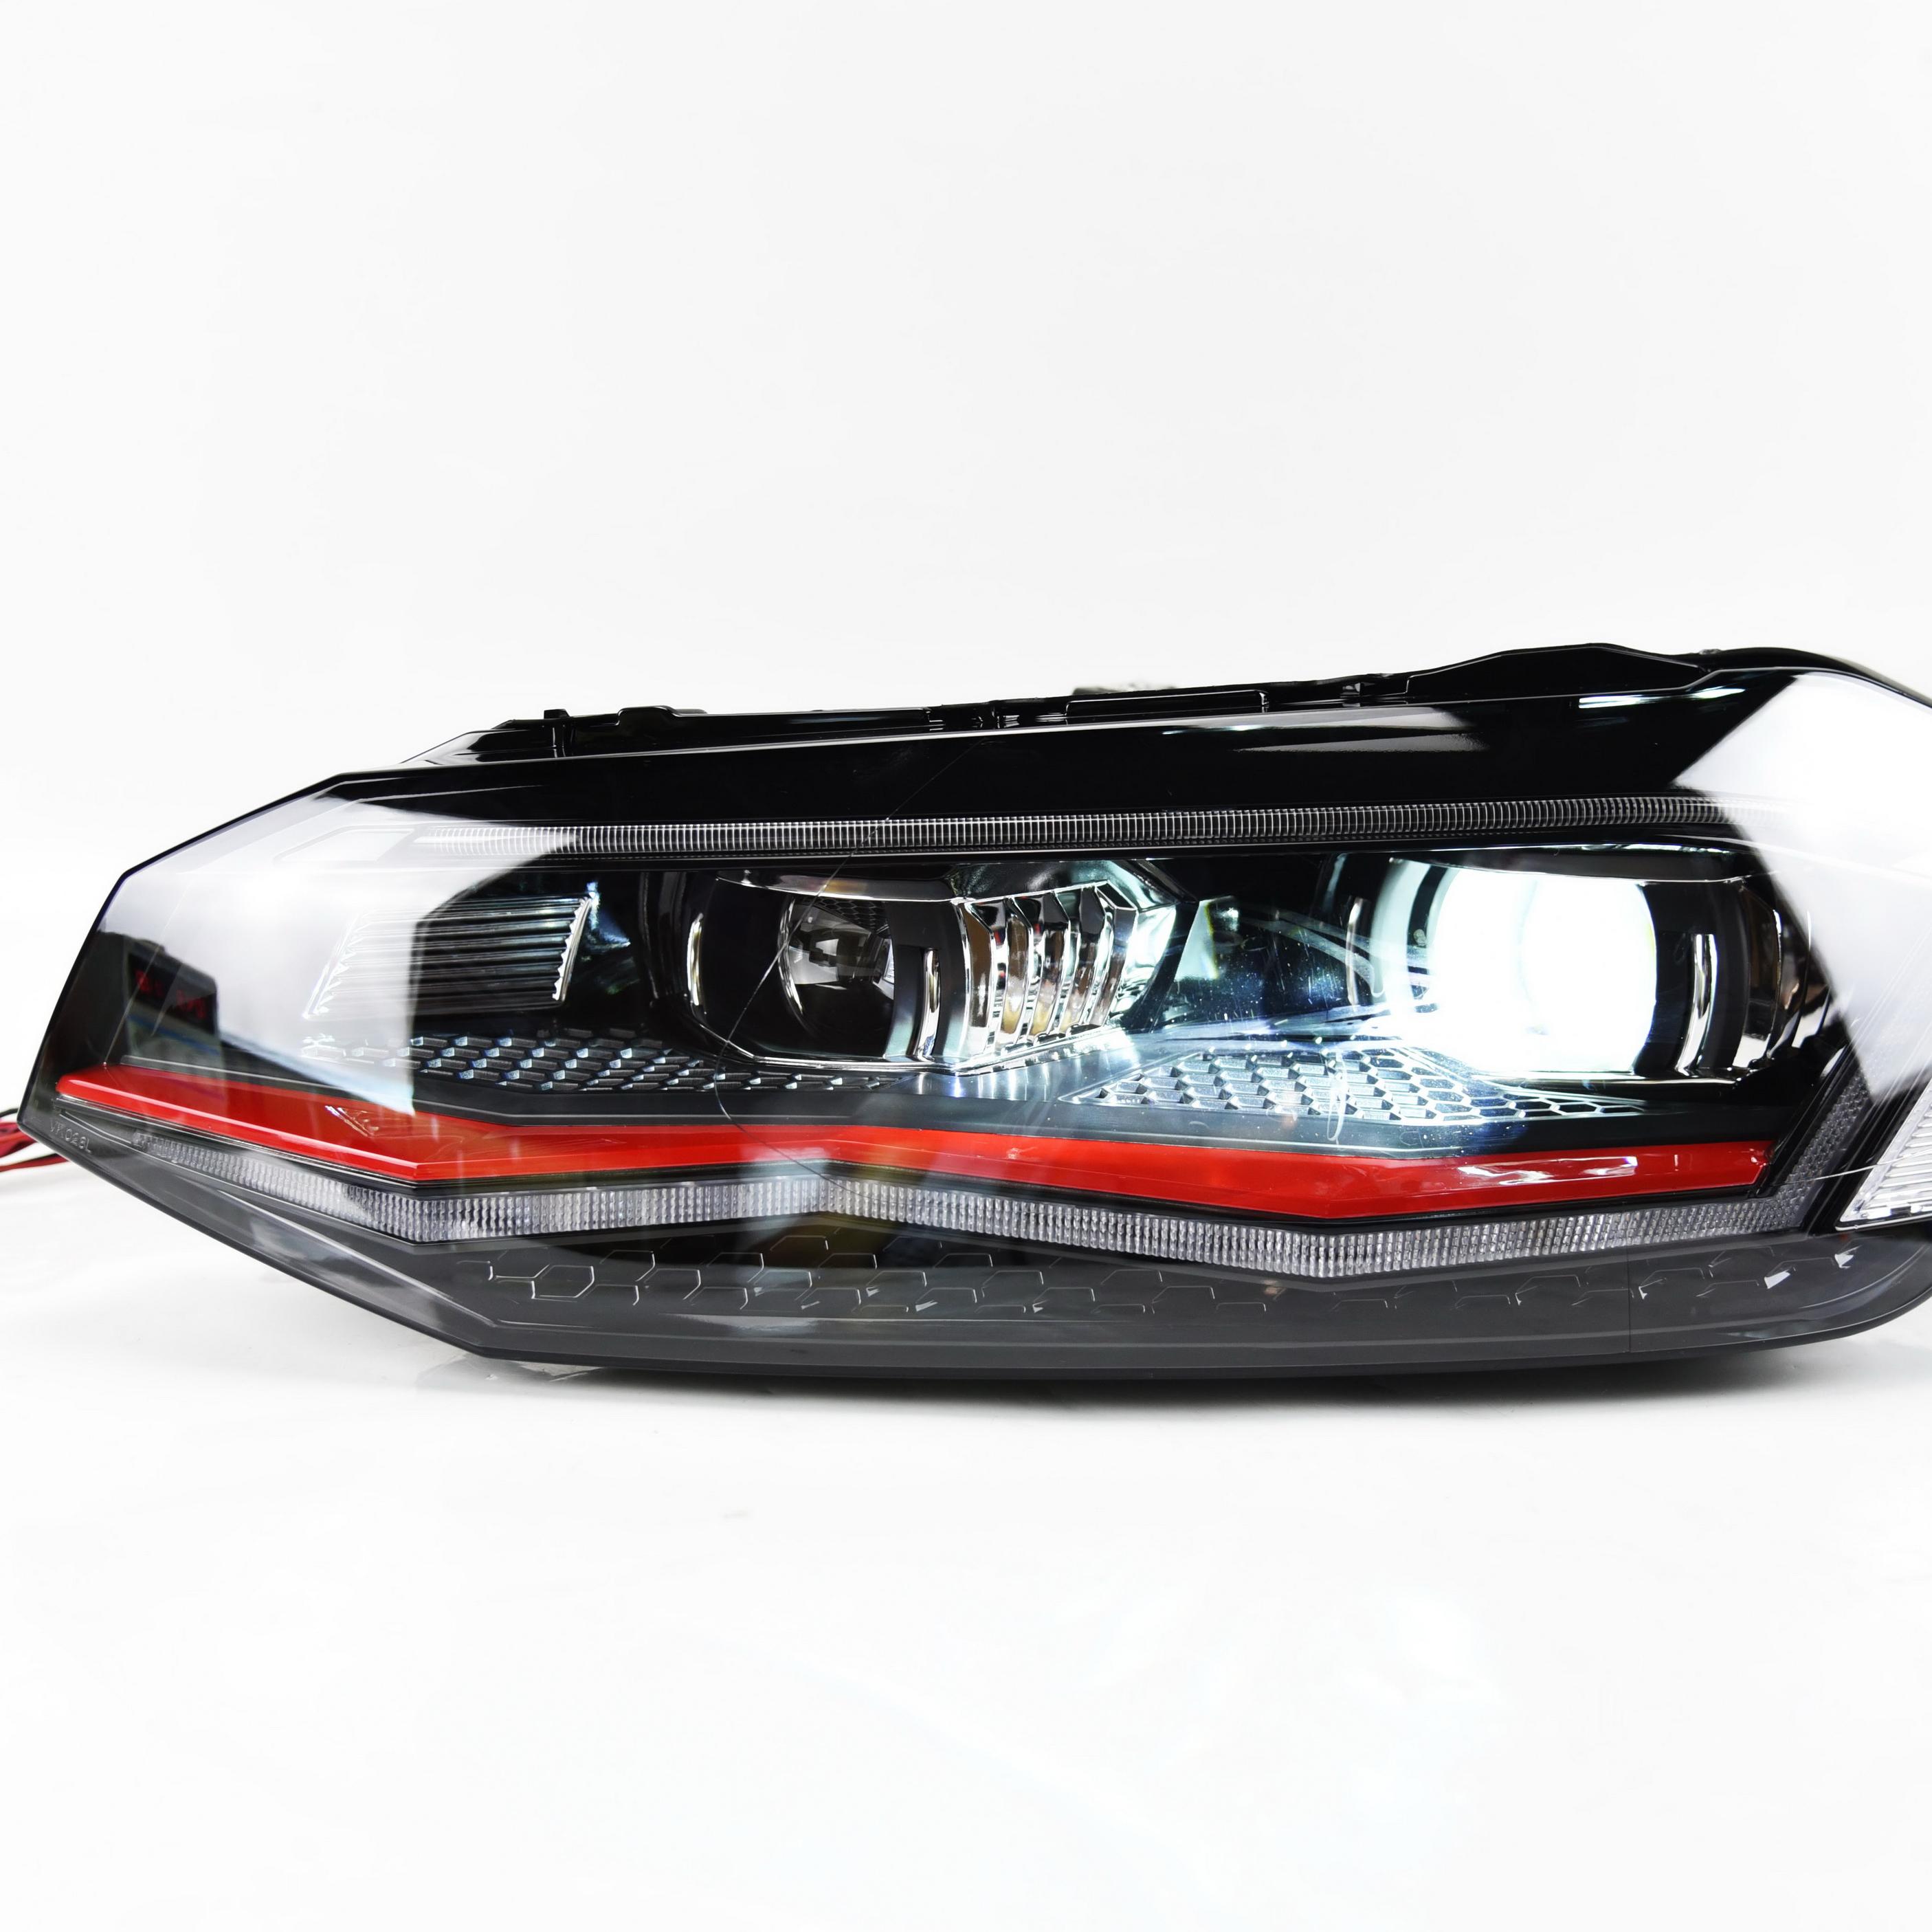 Vw polo headlight bulb price chrome pivot mirror